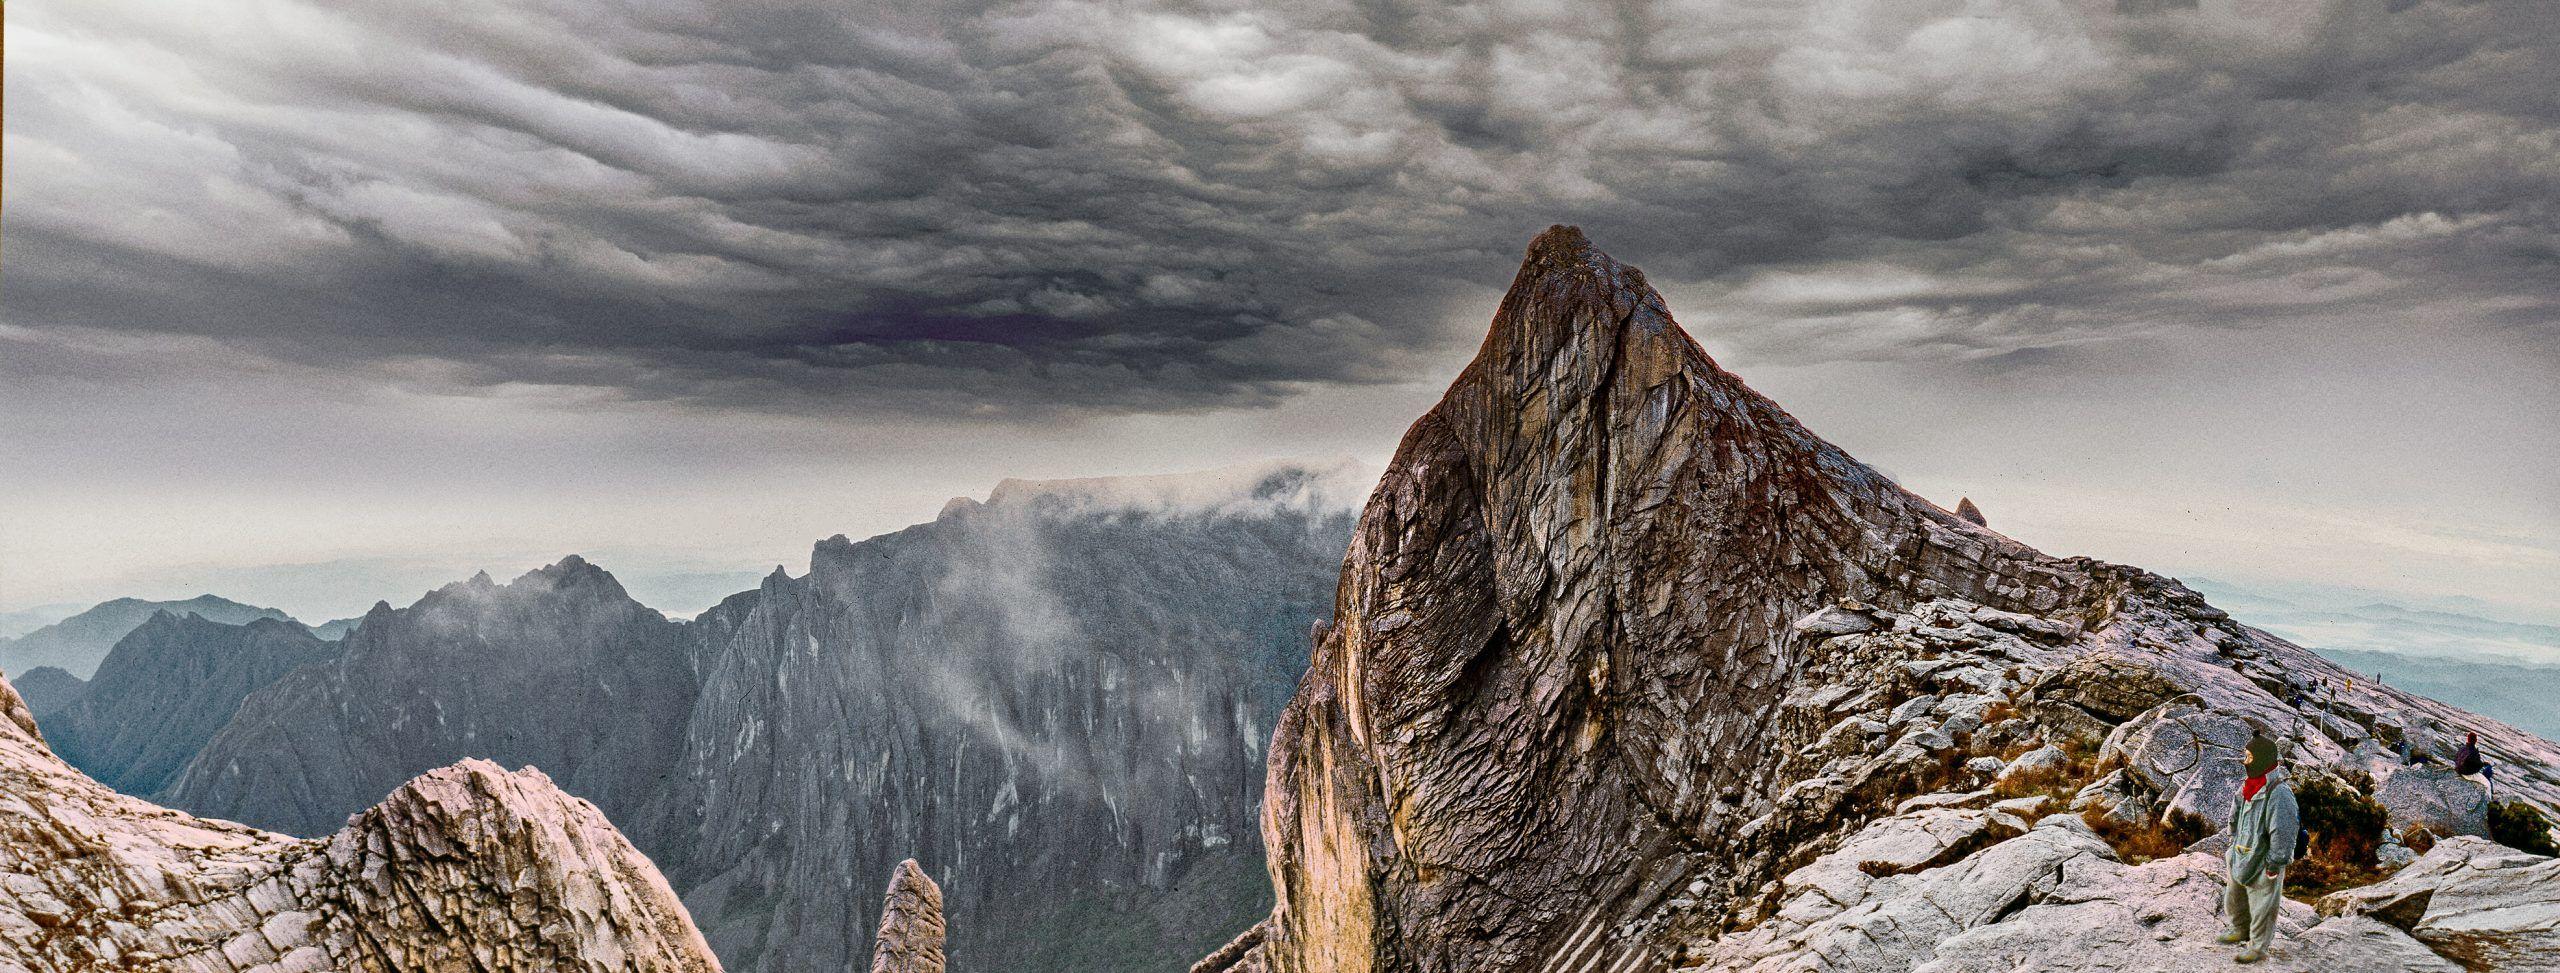 Mount Kinabalu / Borneo